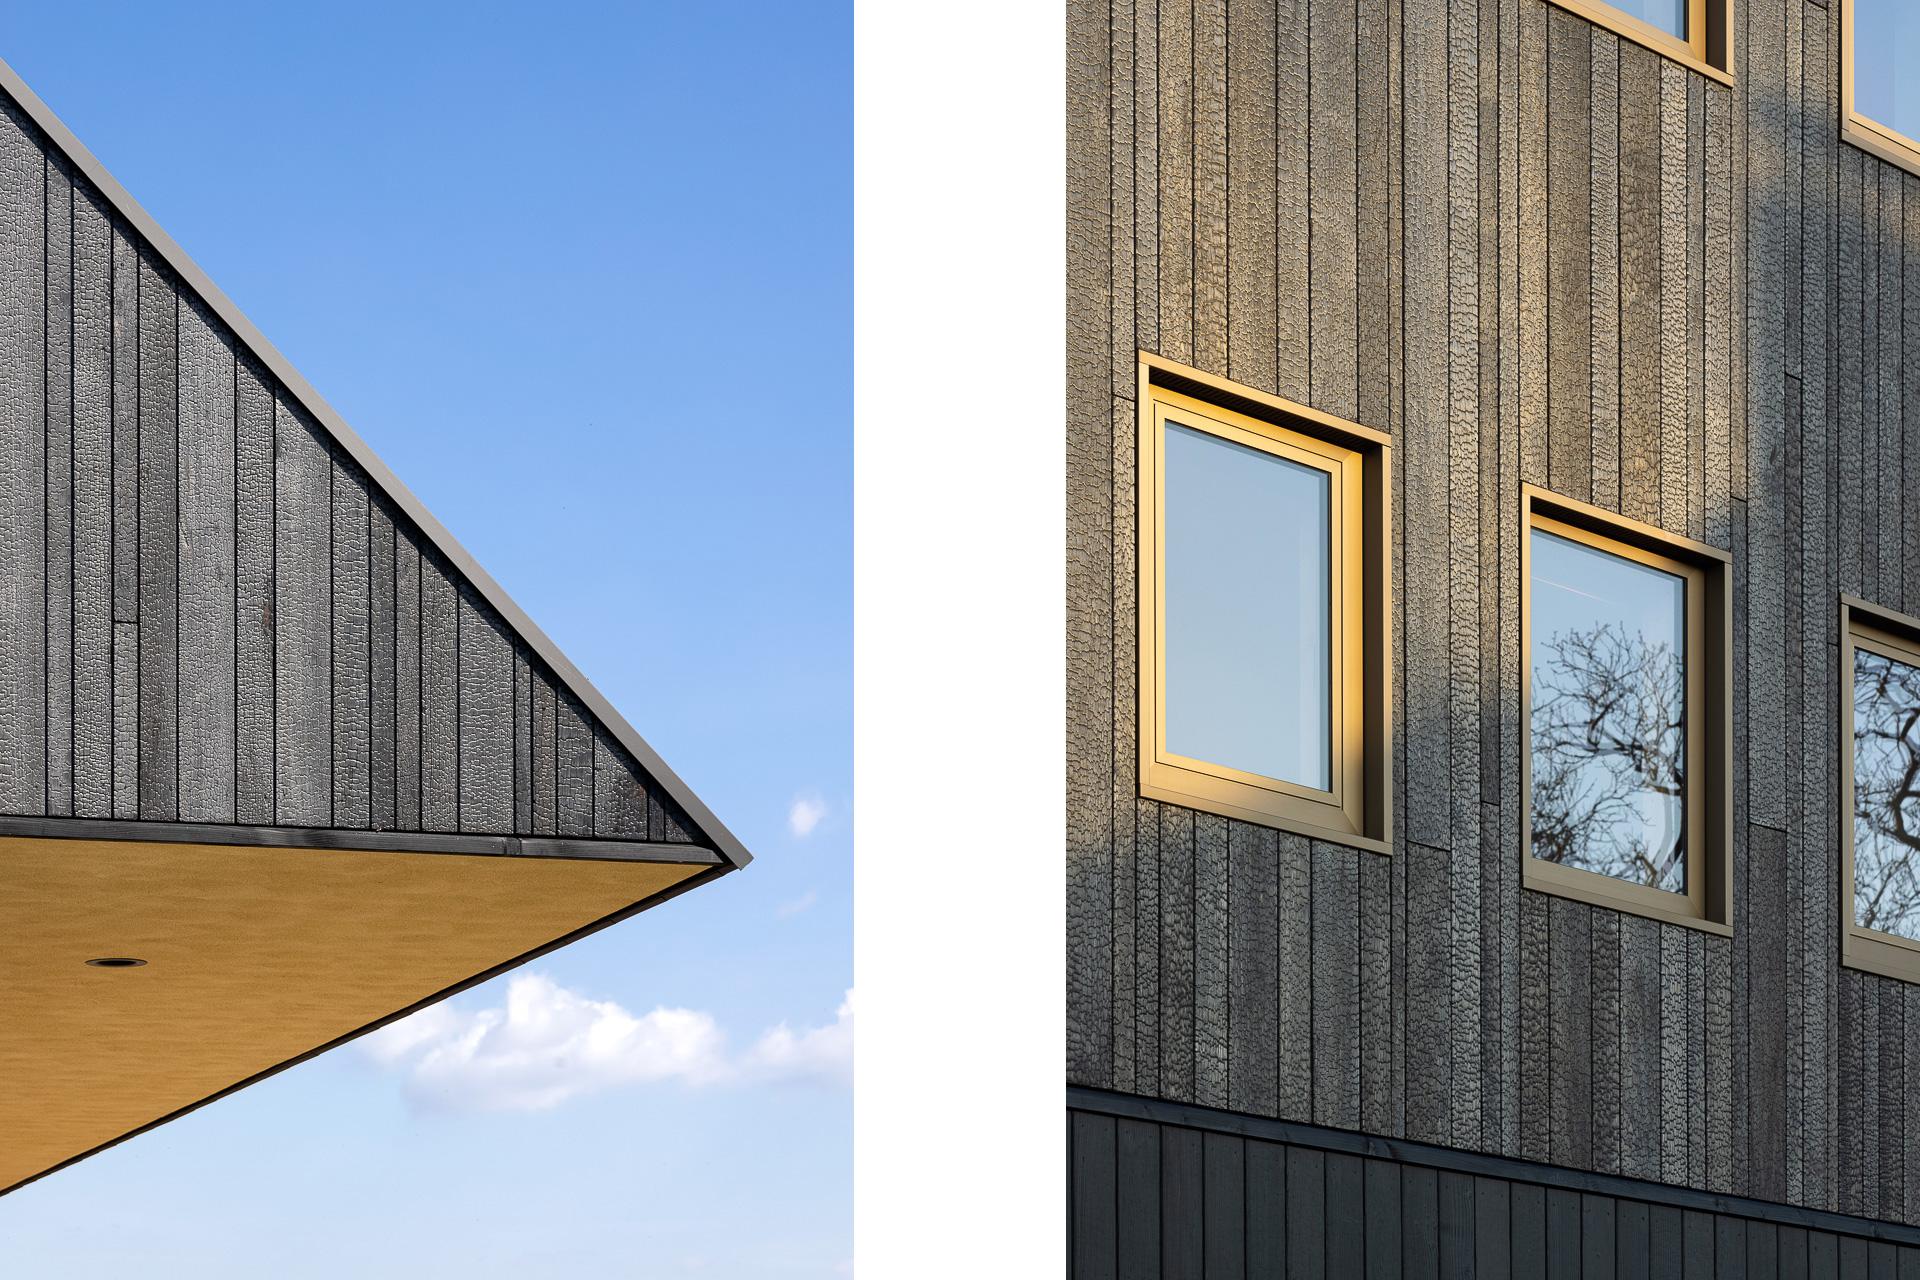 SP2021-Architectuurfotografie-De-Nieuwe-Schuur-Mecanoo-9